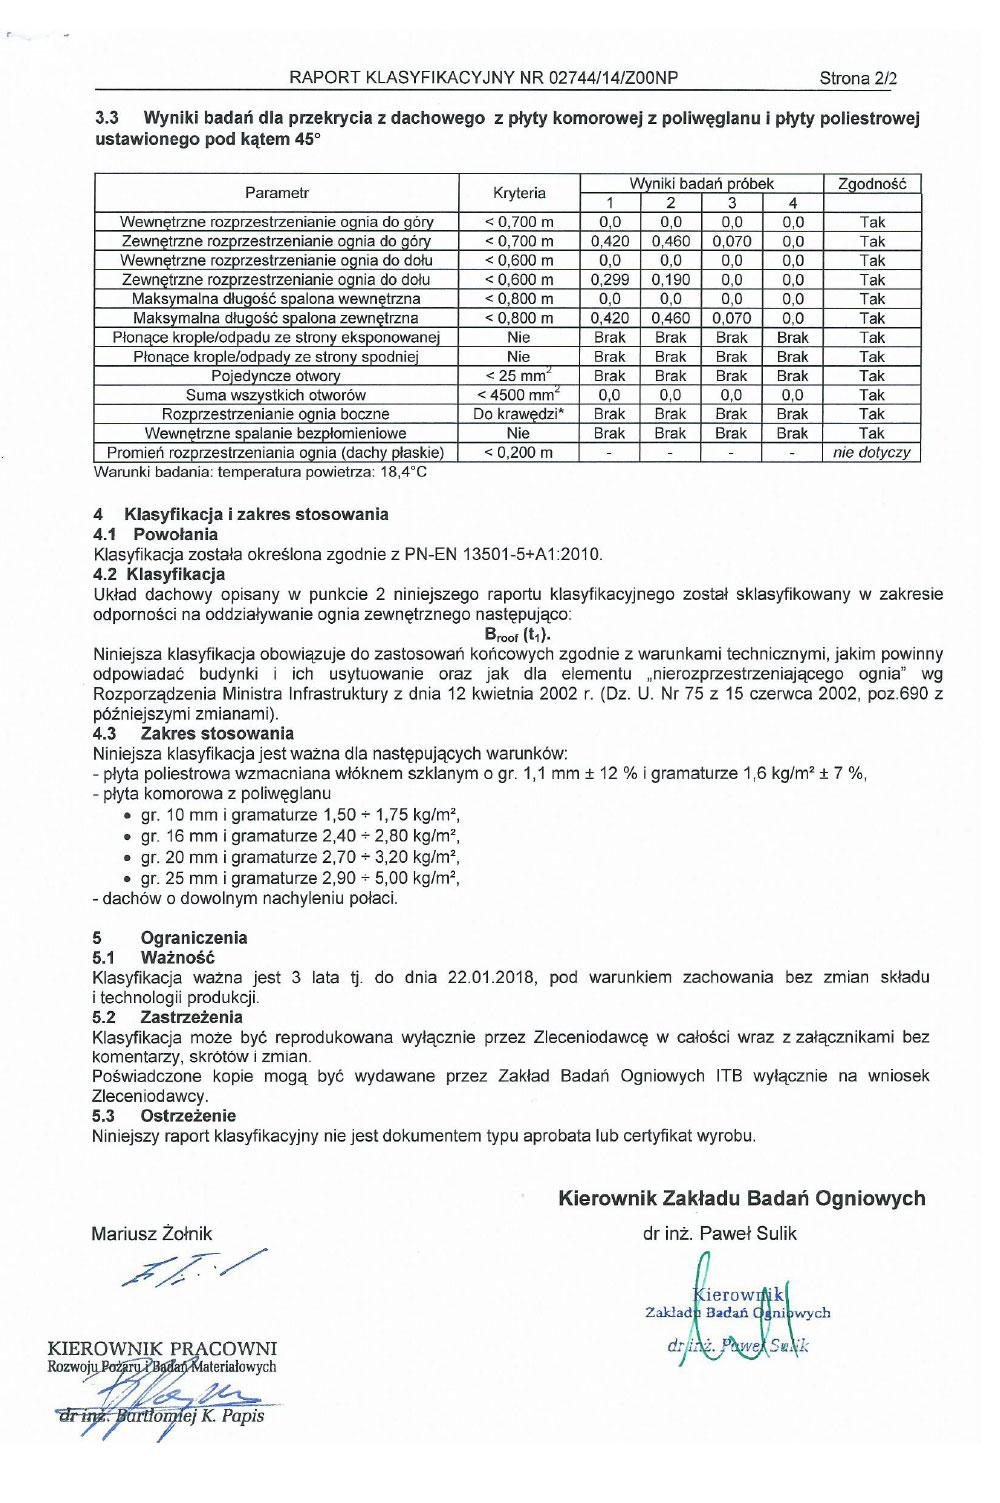 RAPORT-KLASYFIKACYJNY-2